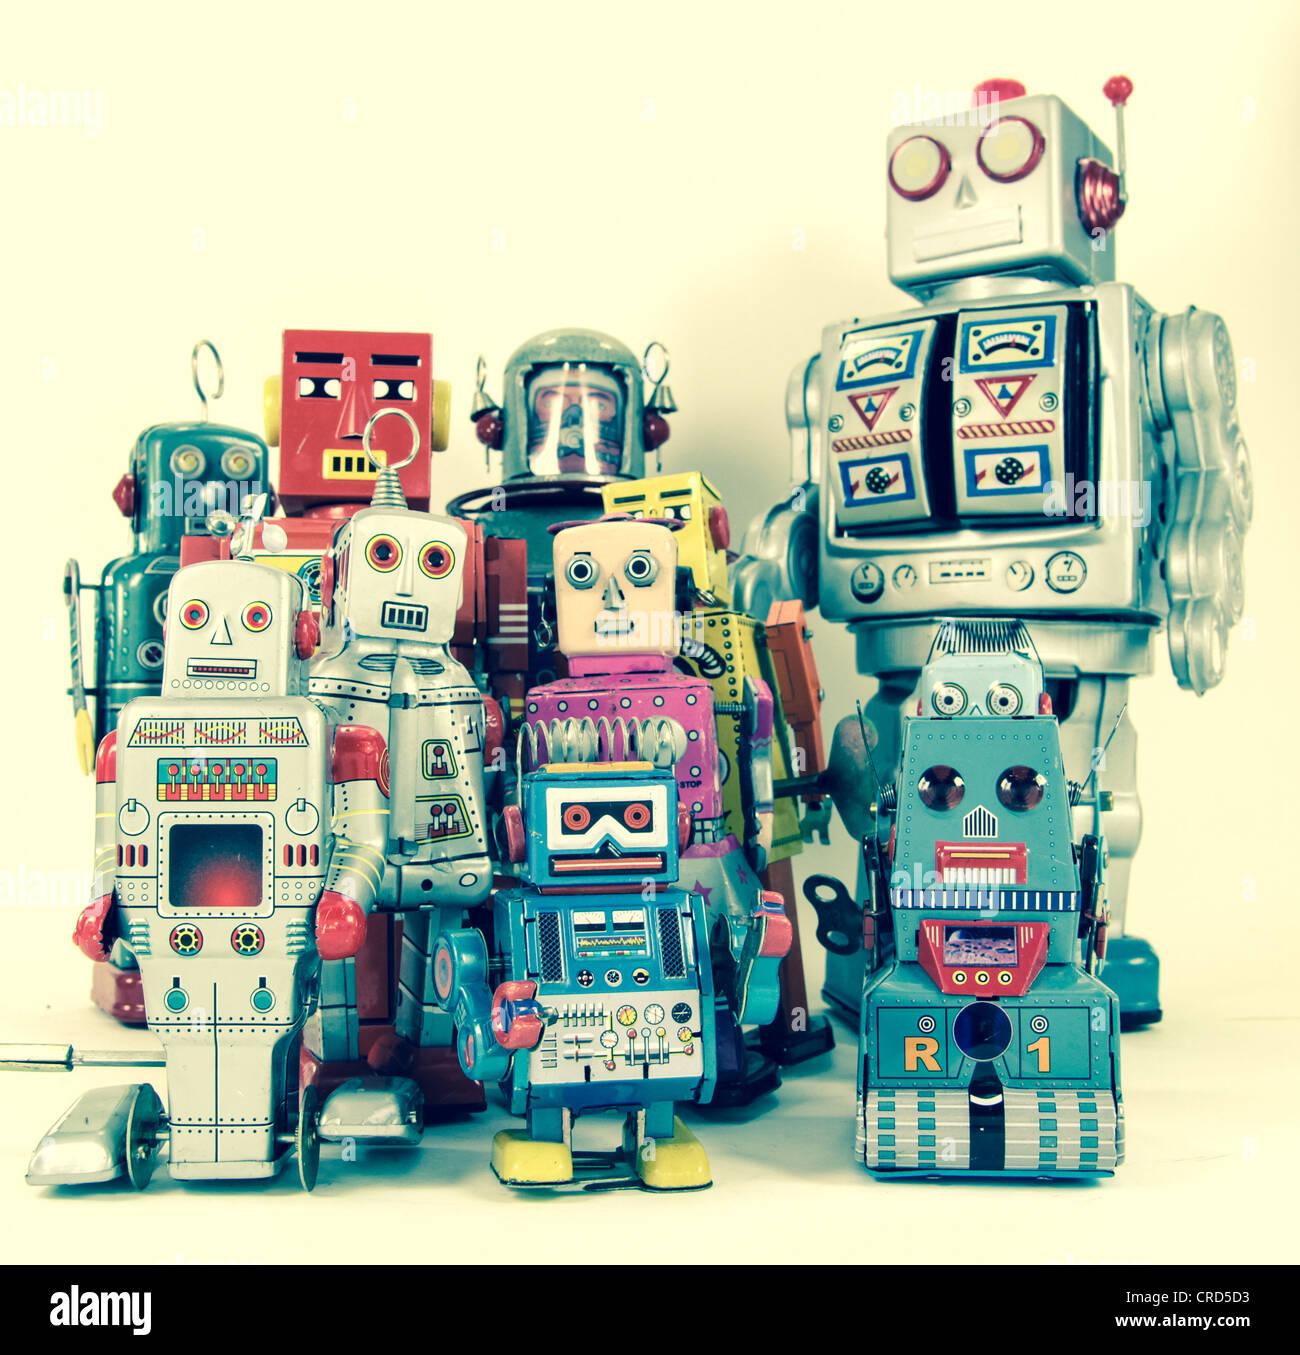 ein Roboter-Spielzeug Stockbild